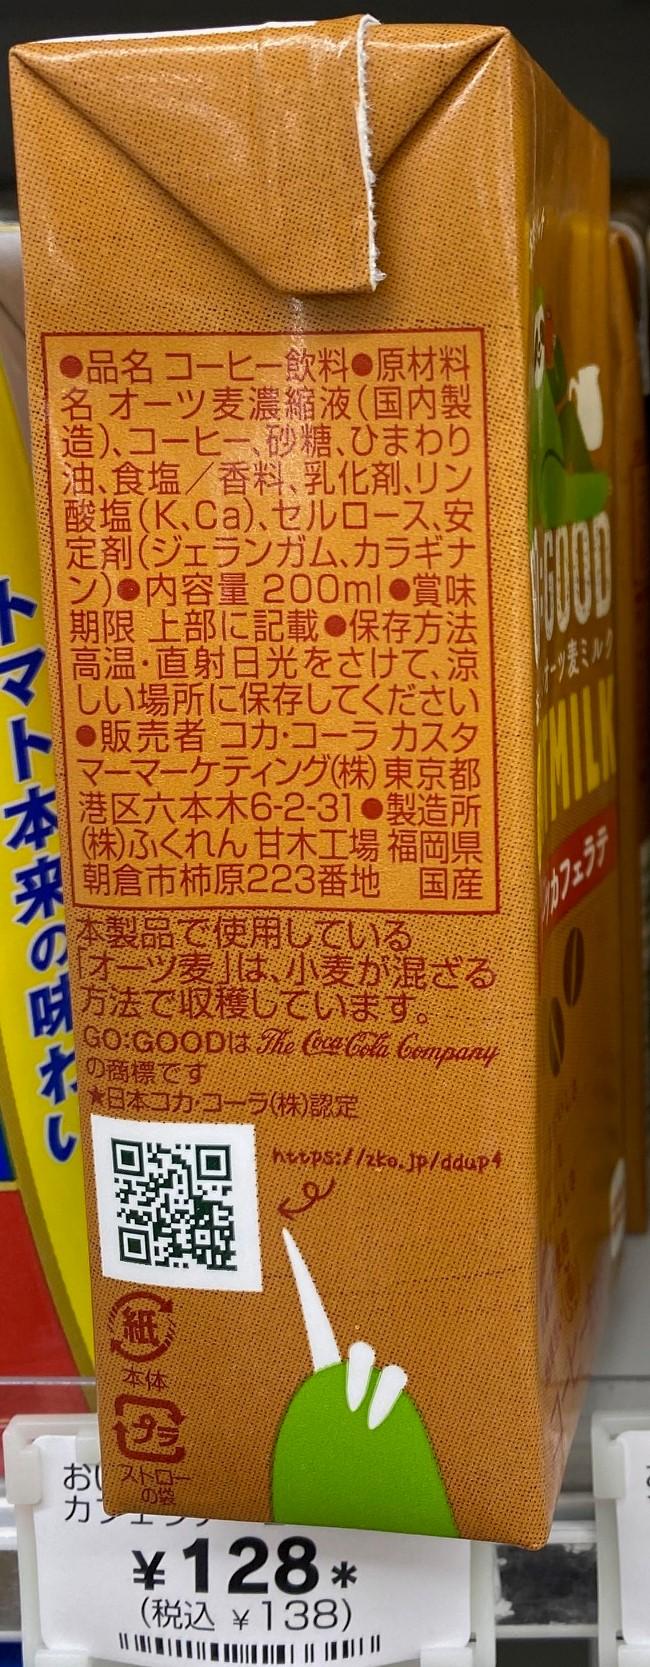 Go Good Oatmilk, Oat Cafe Latte ingredient list